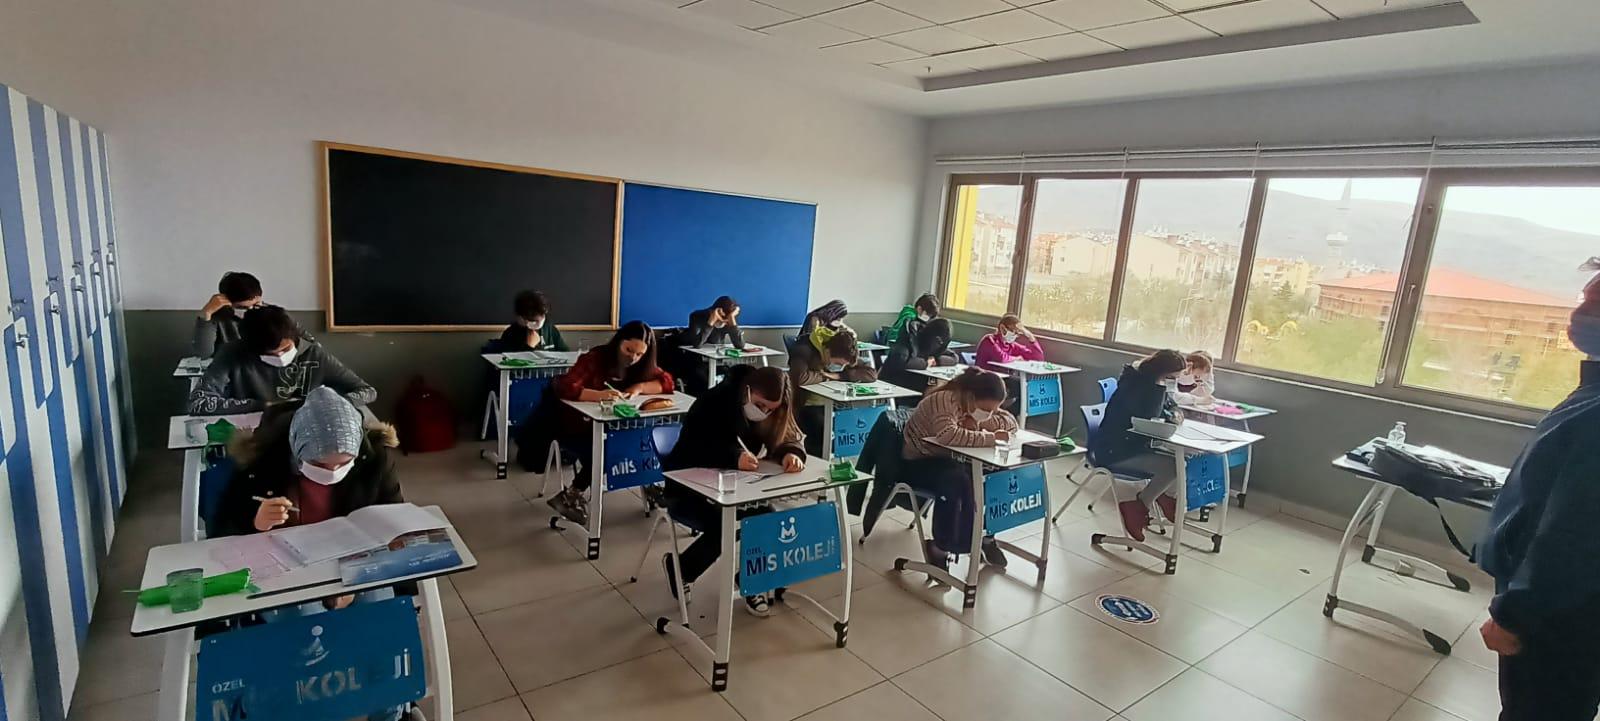 miskoleji-öğrencilerin-bursluluk sınav heyecanı-1